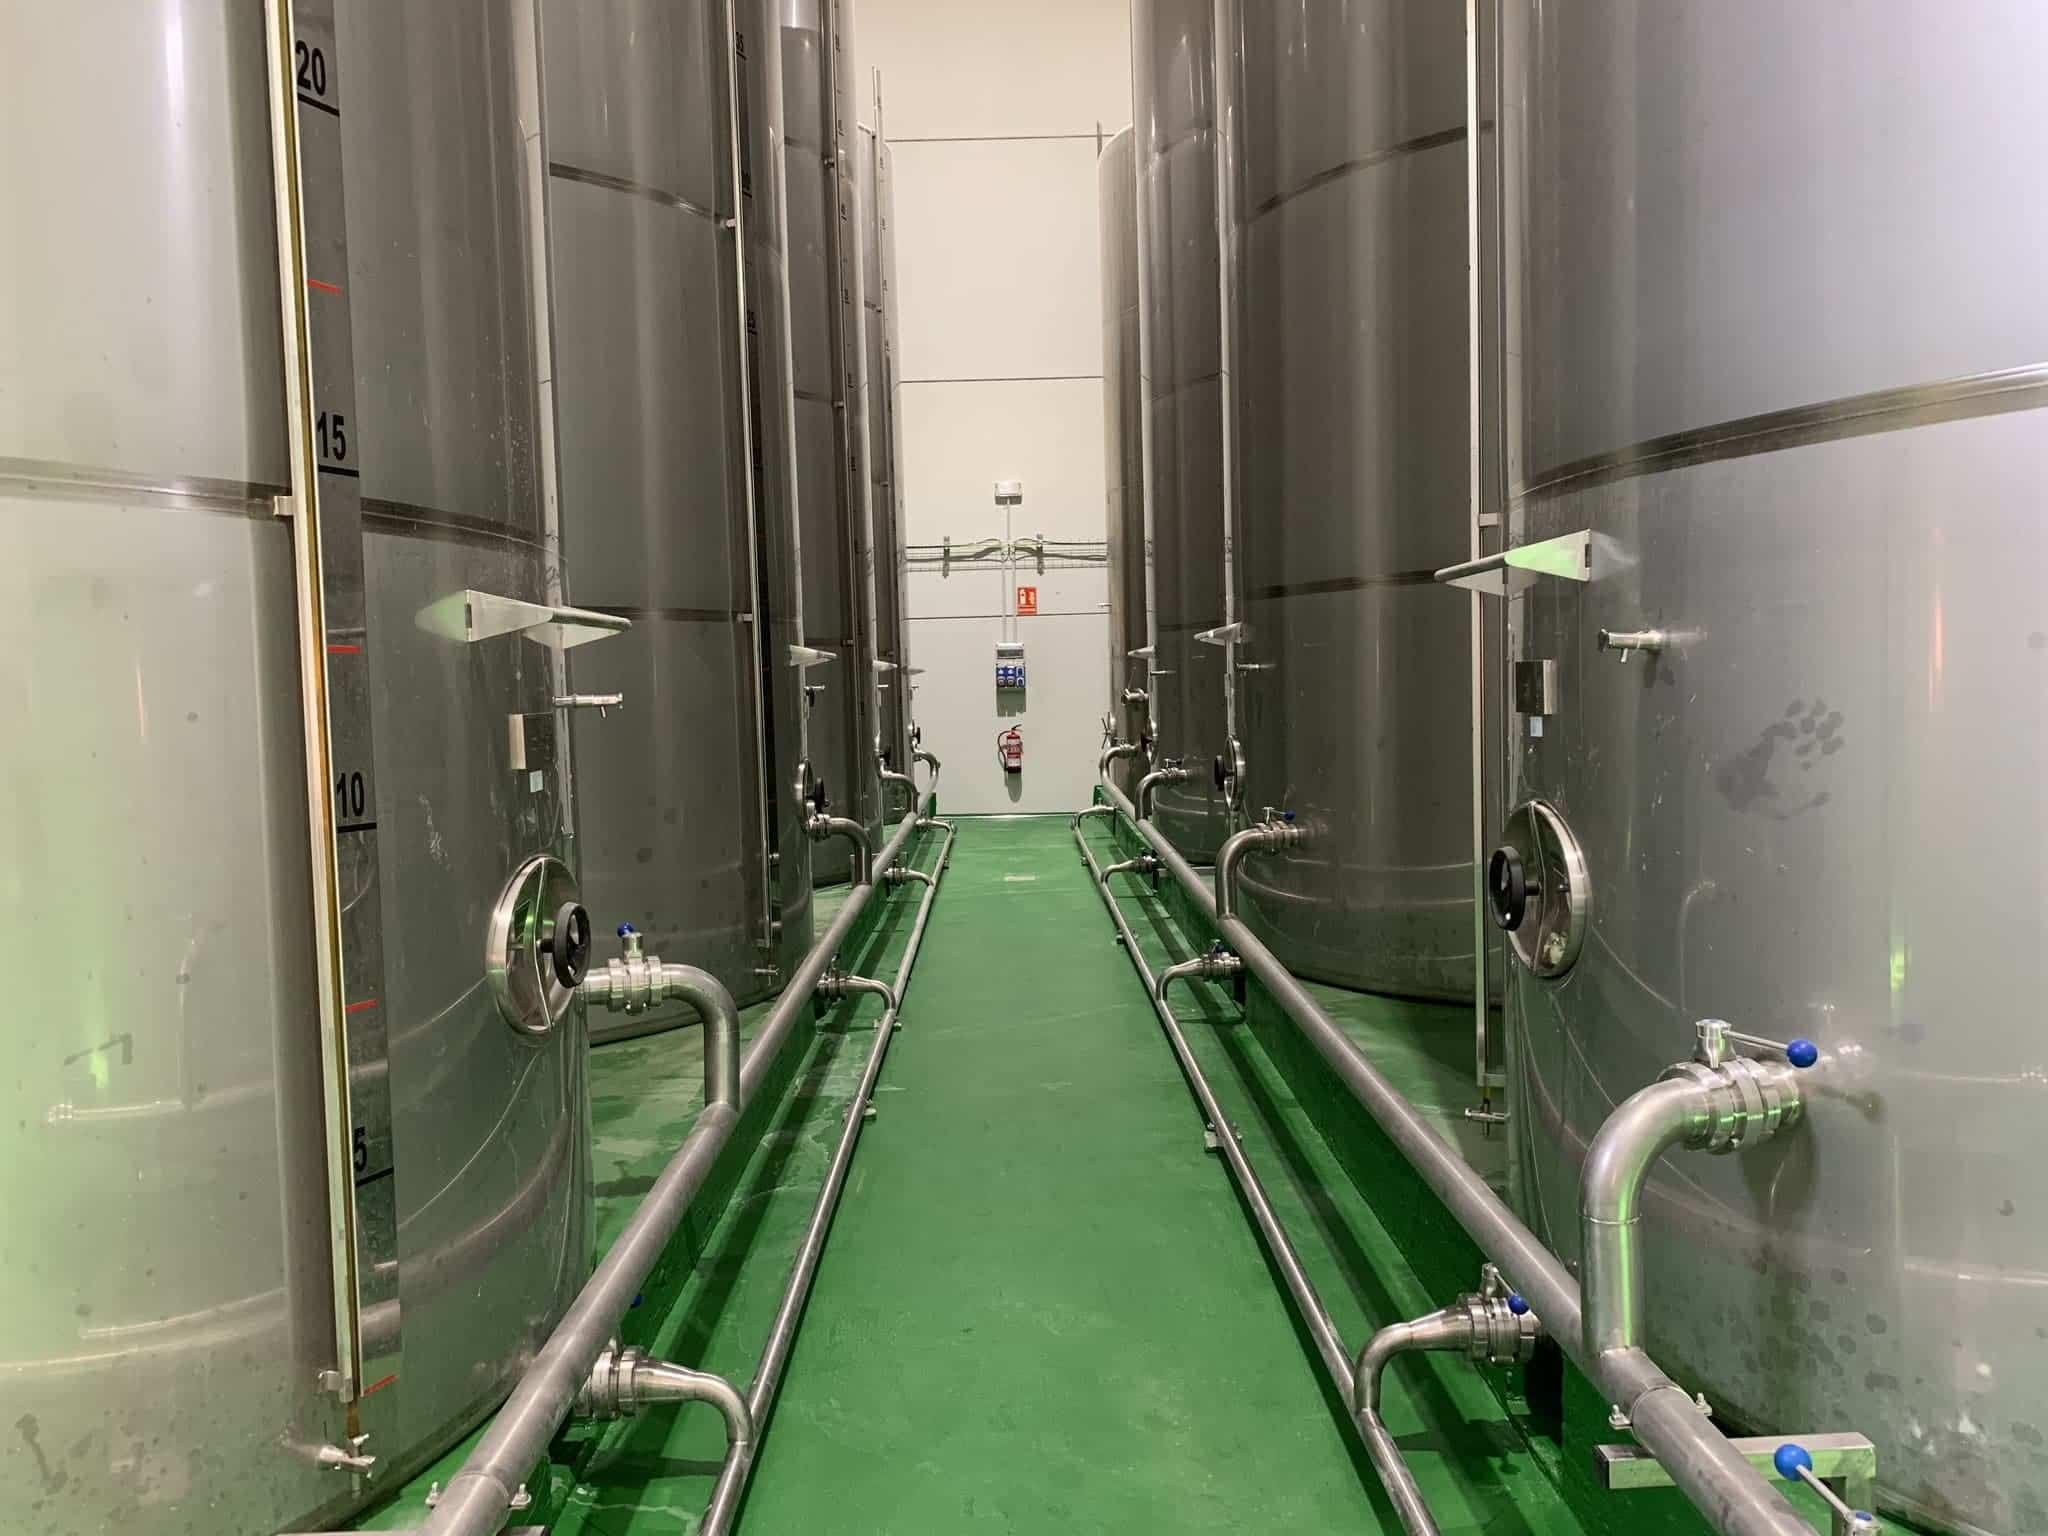 visita almazarera la encarnacion herencia 8 - Nuevas instalaciones de la Cooperativa Almazarera La Encarnación en Herencia